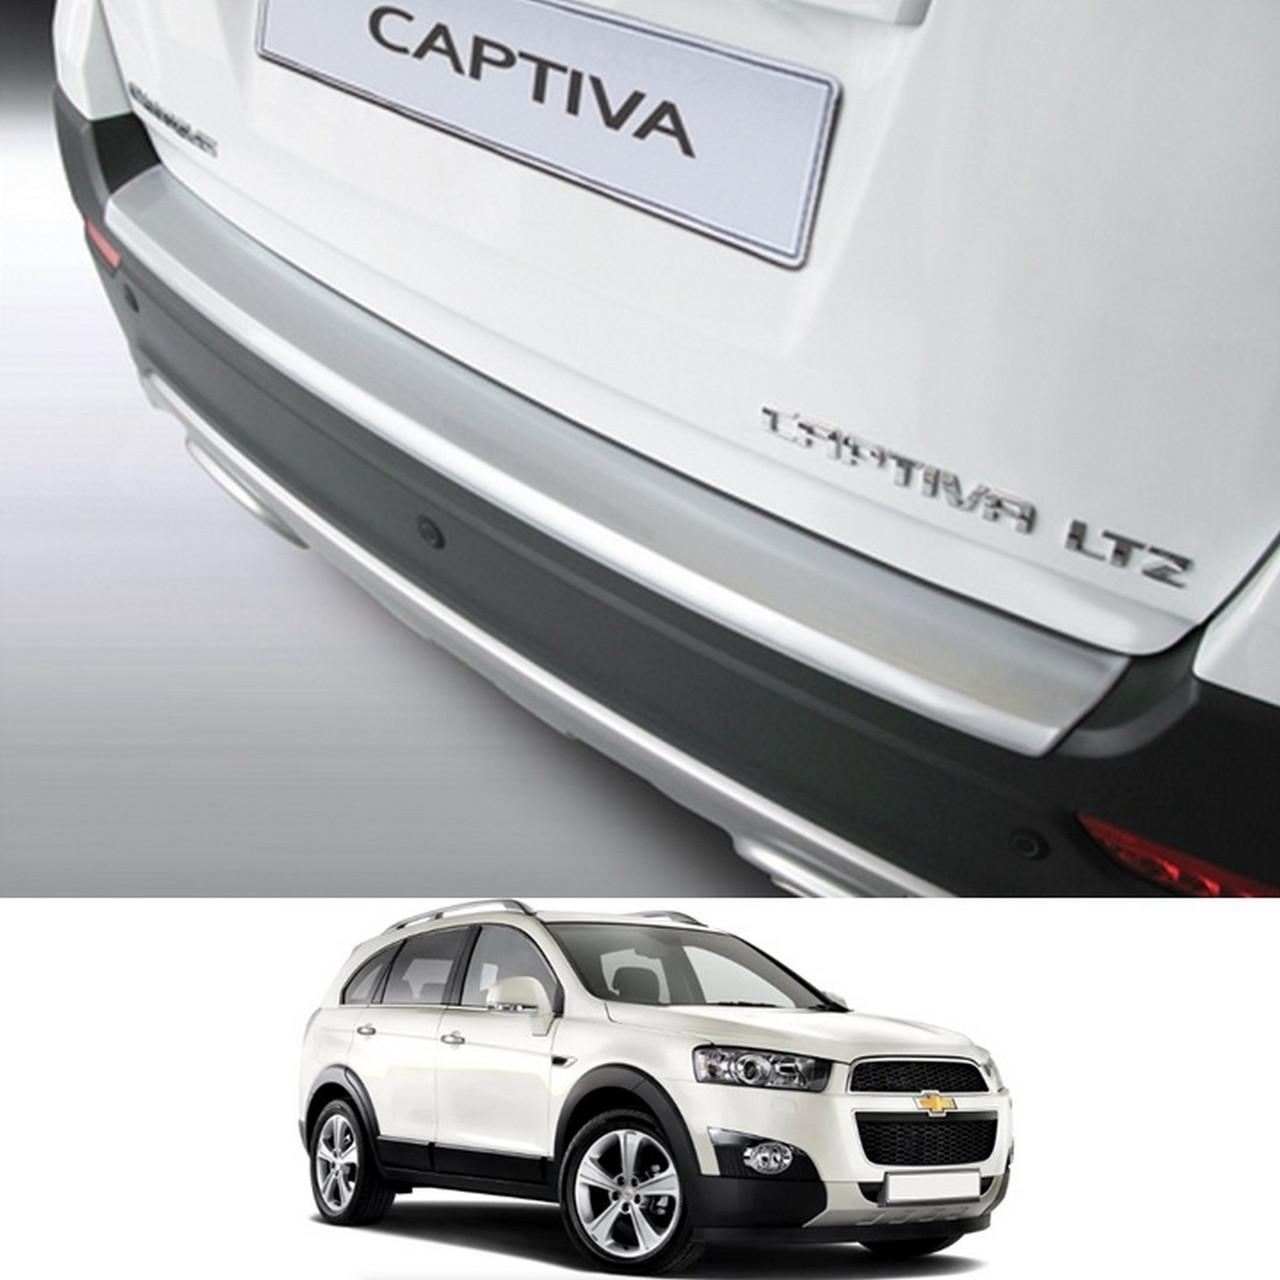 Пластиковая защитная накладка на задний бампер для Chevrolet Captiva 2013+